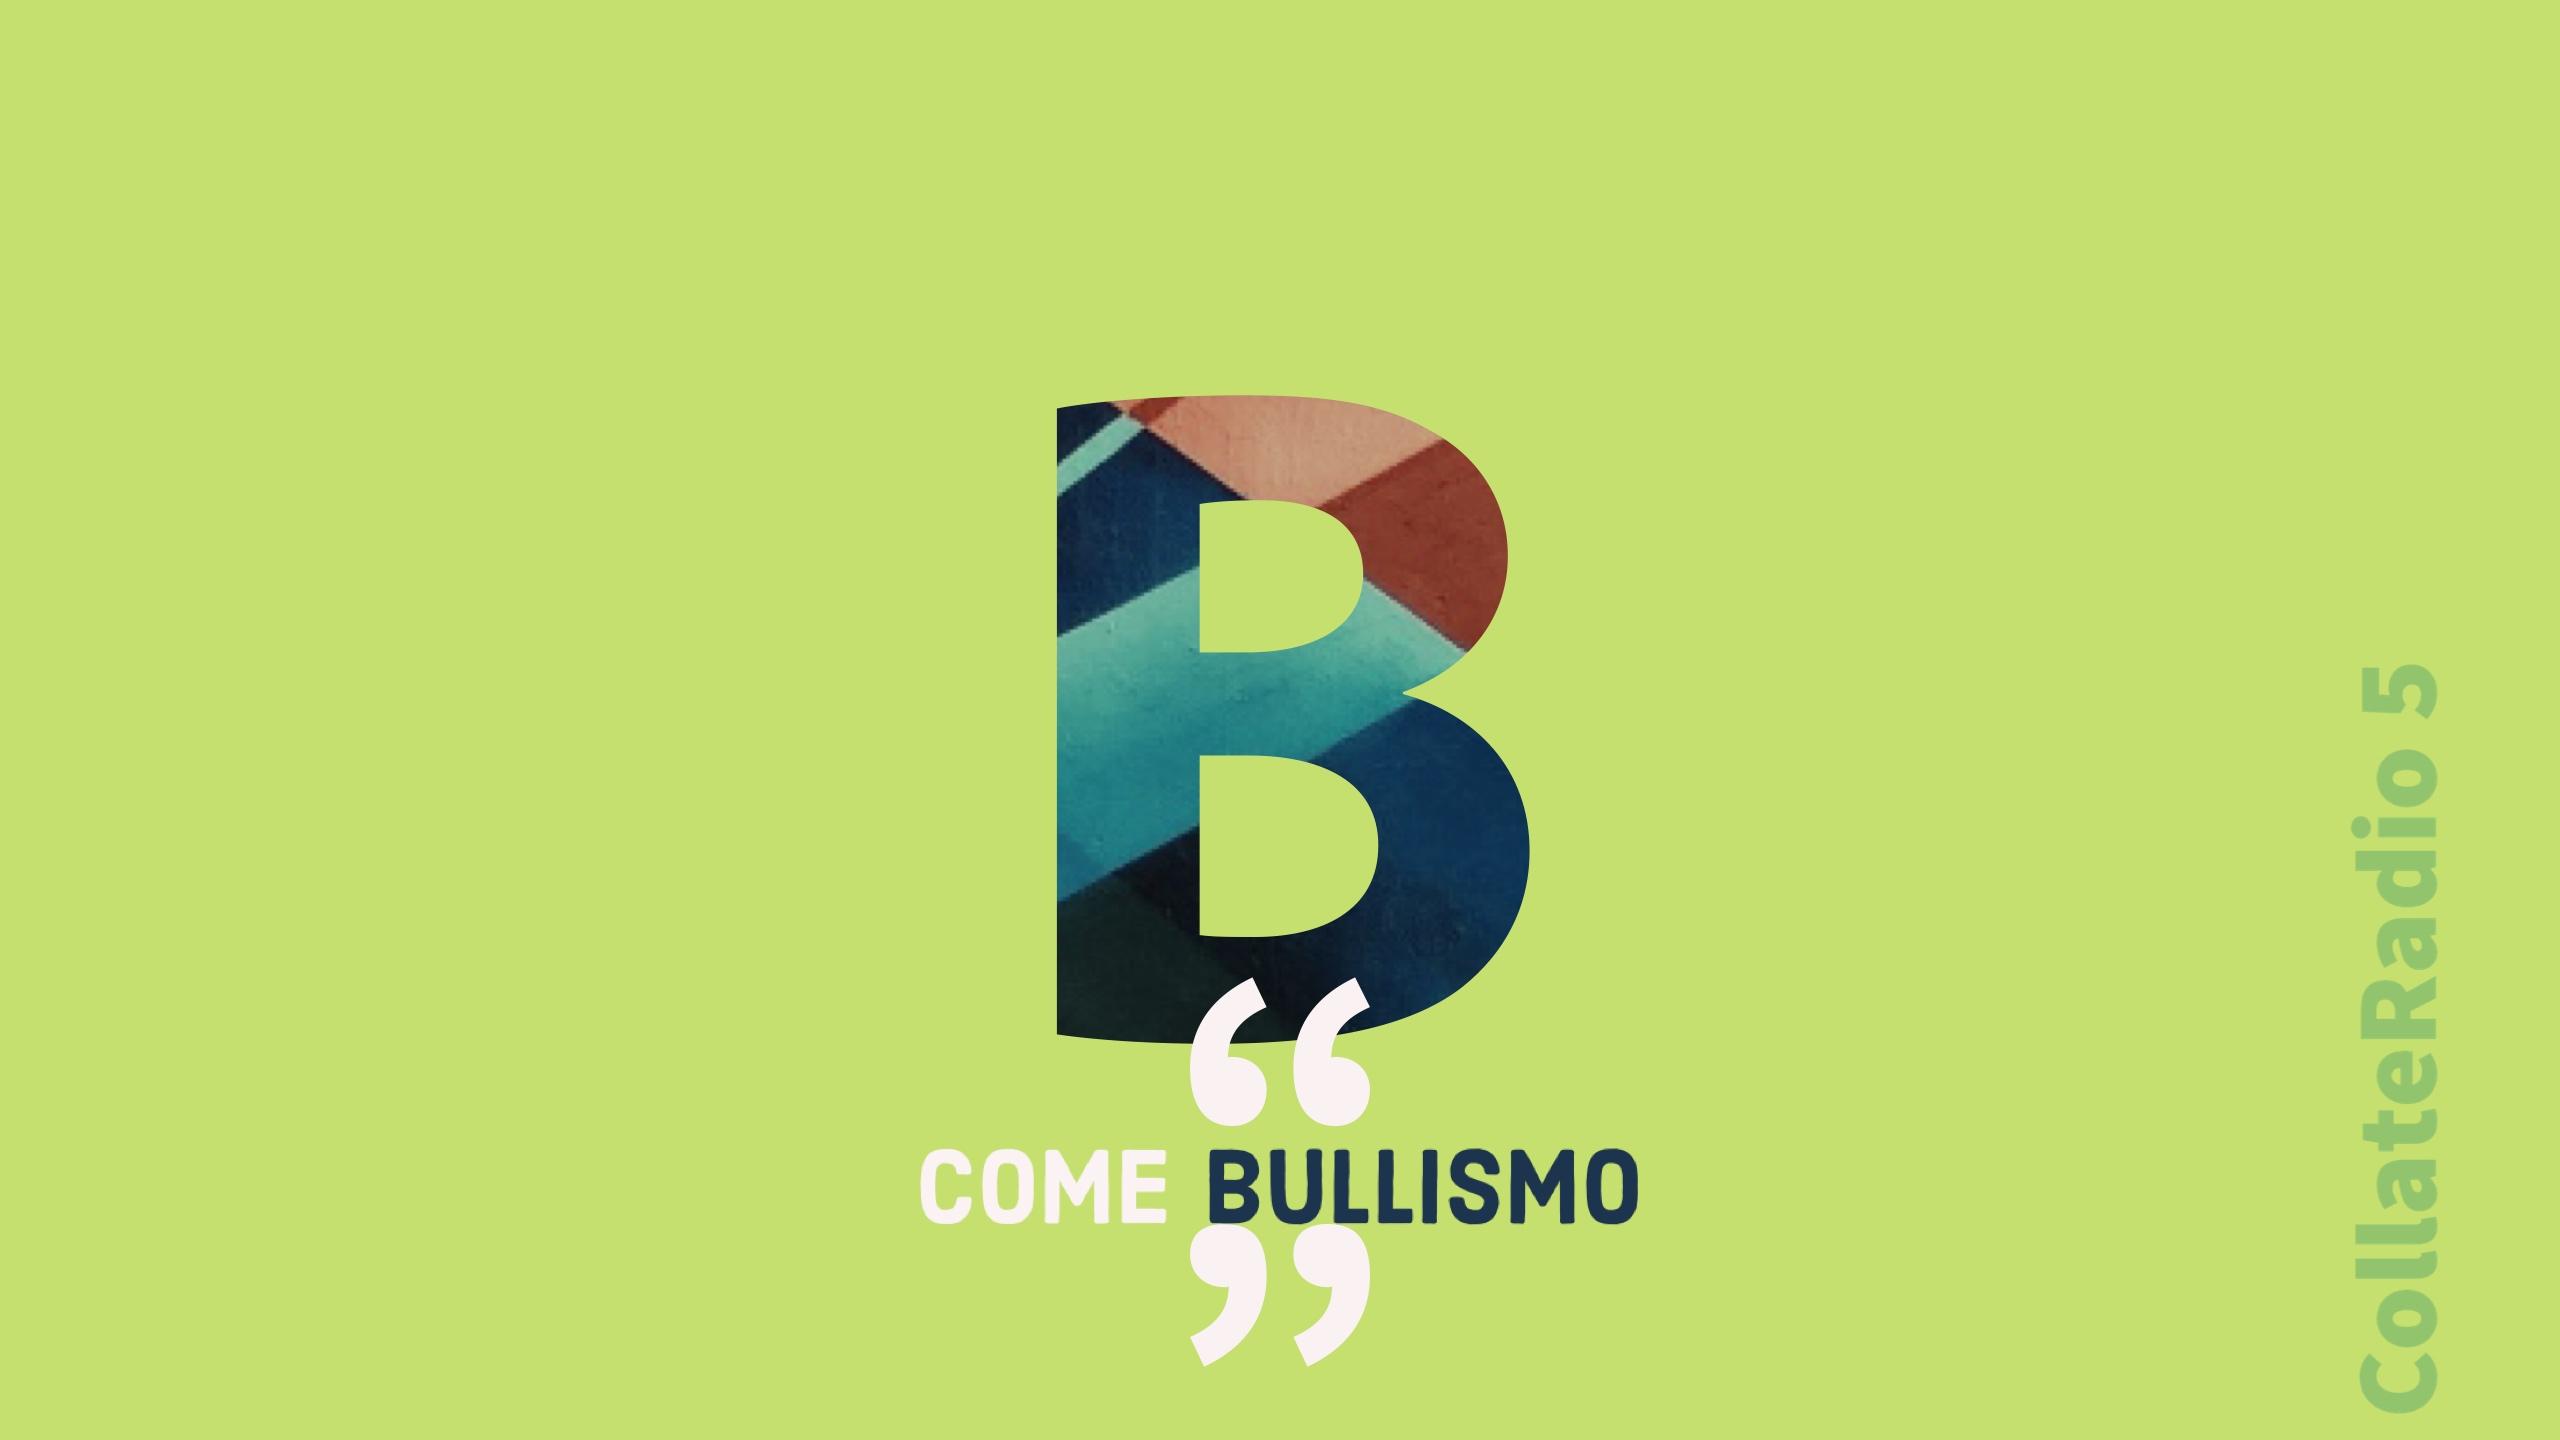 CollateRadio 5: B come bullismo